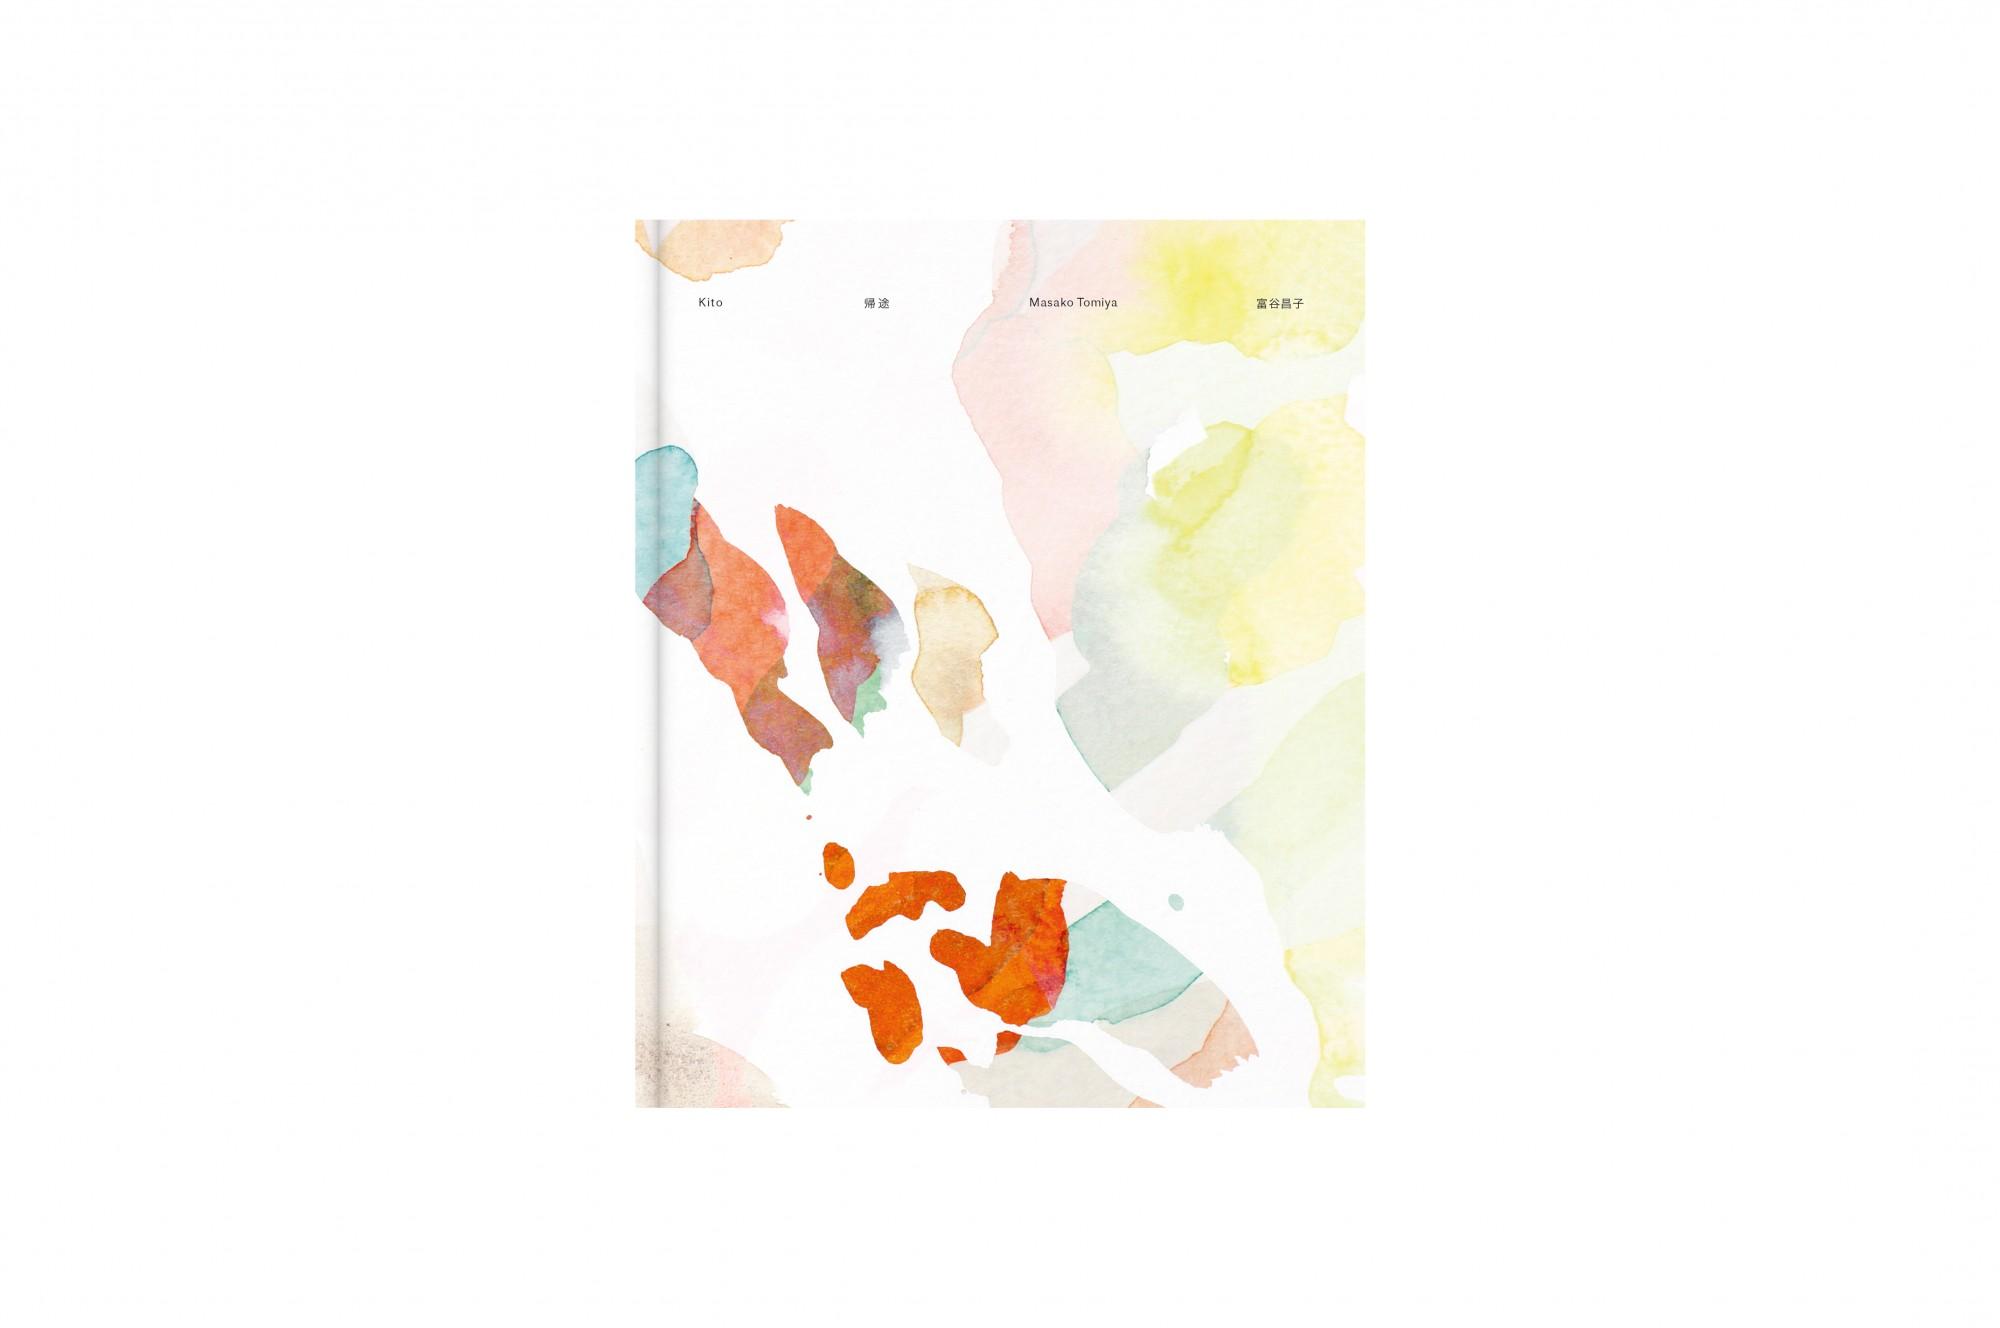 Kito - Première édition